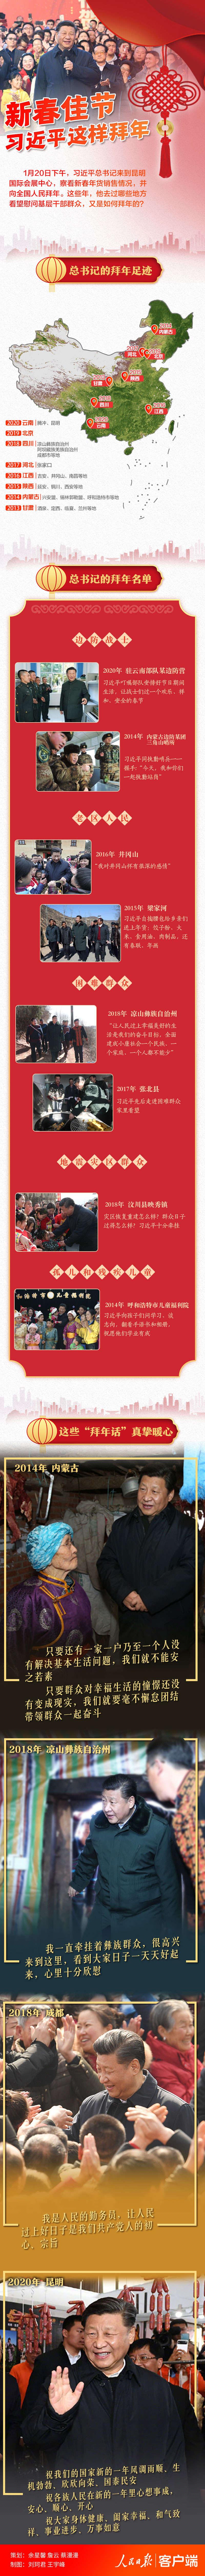 新春佳节 习近平这样拜年图片